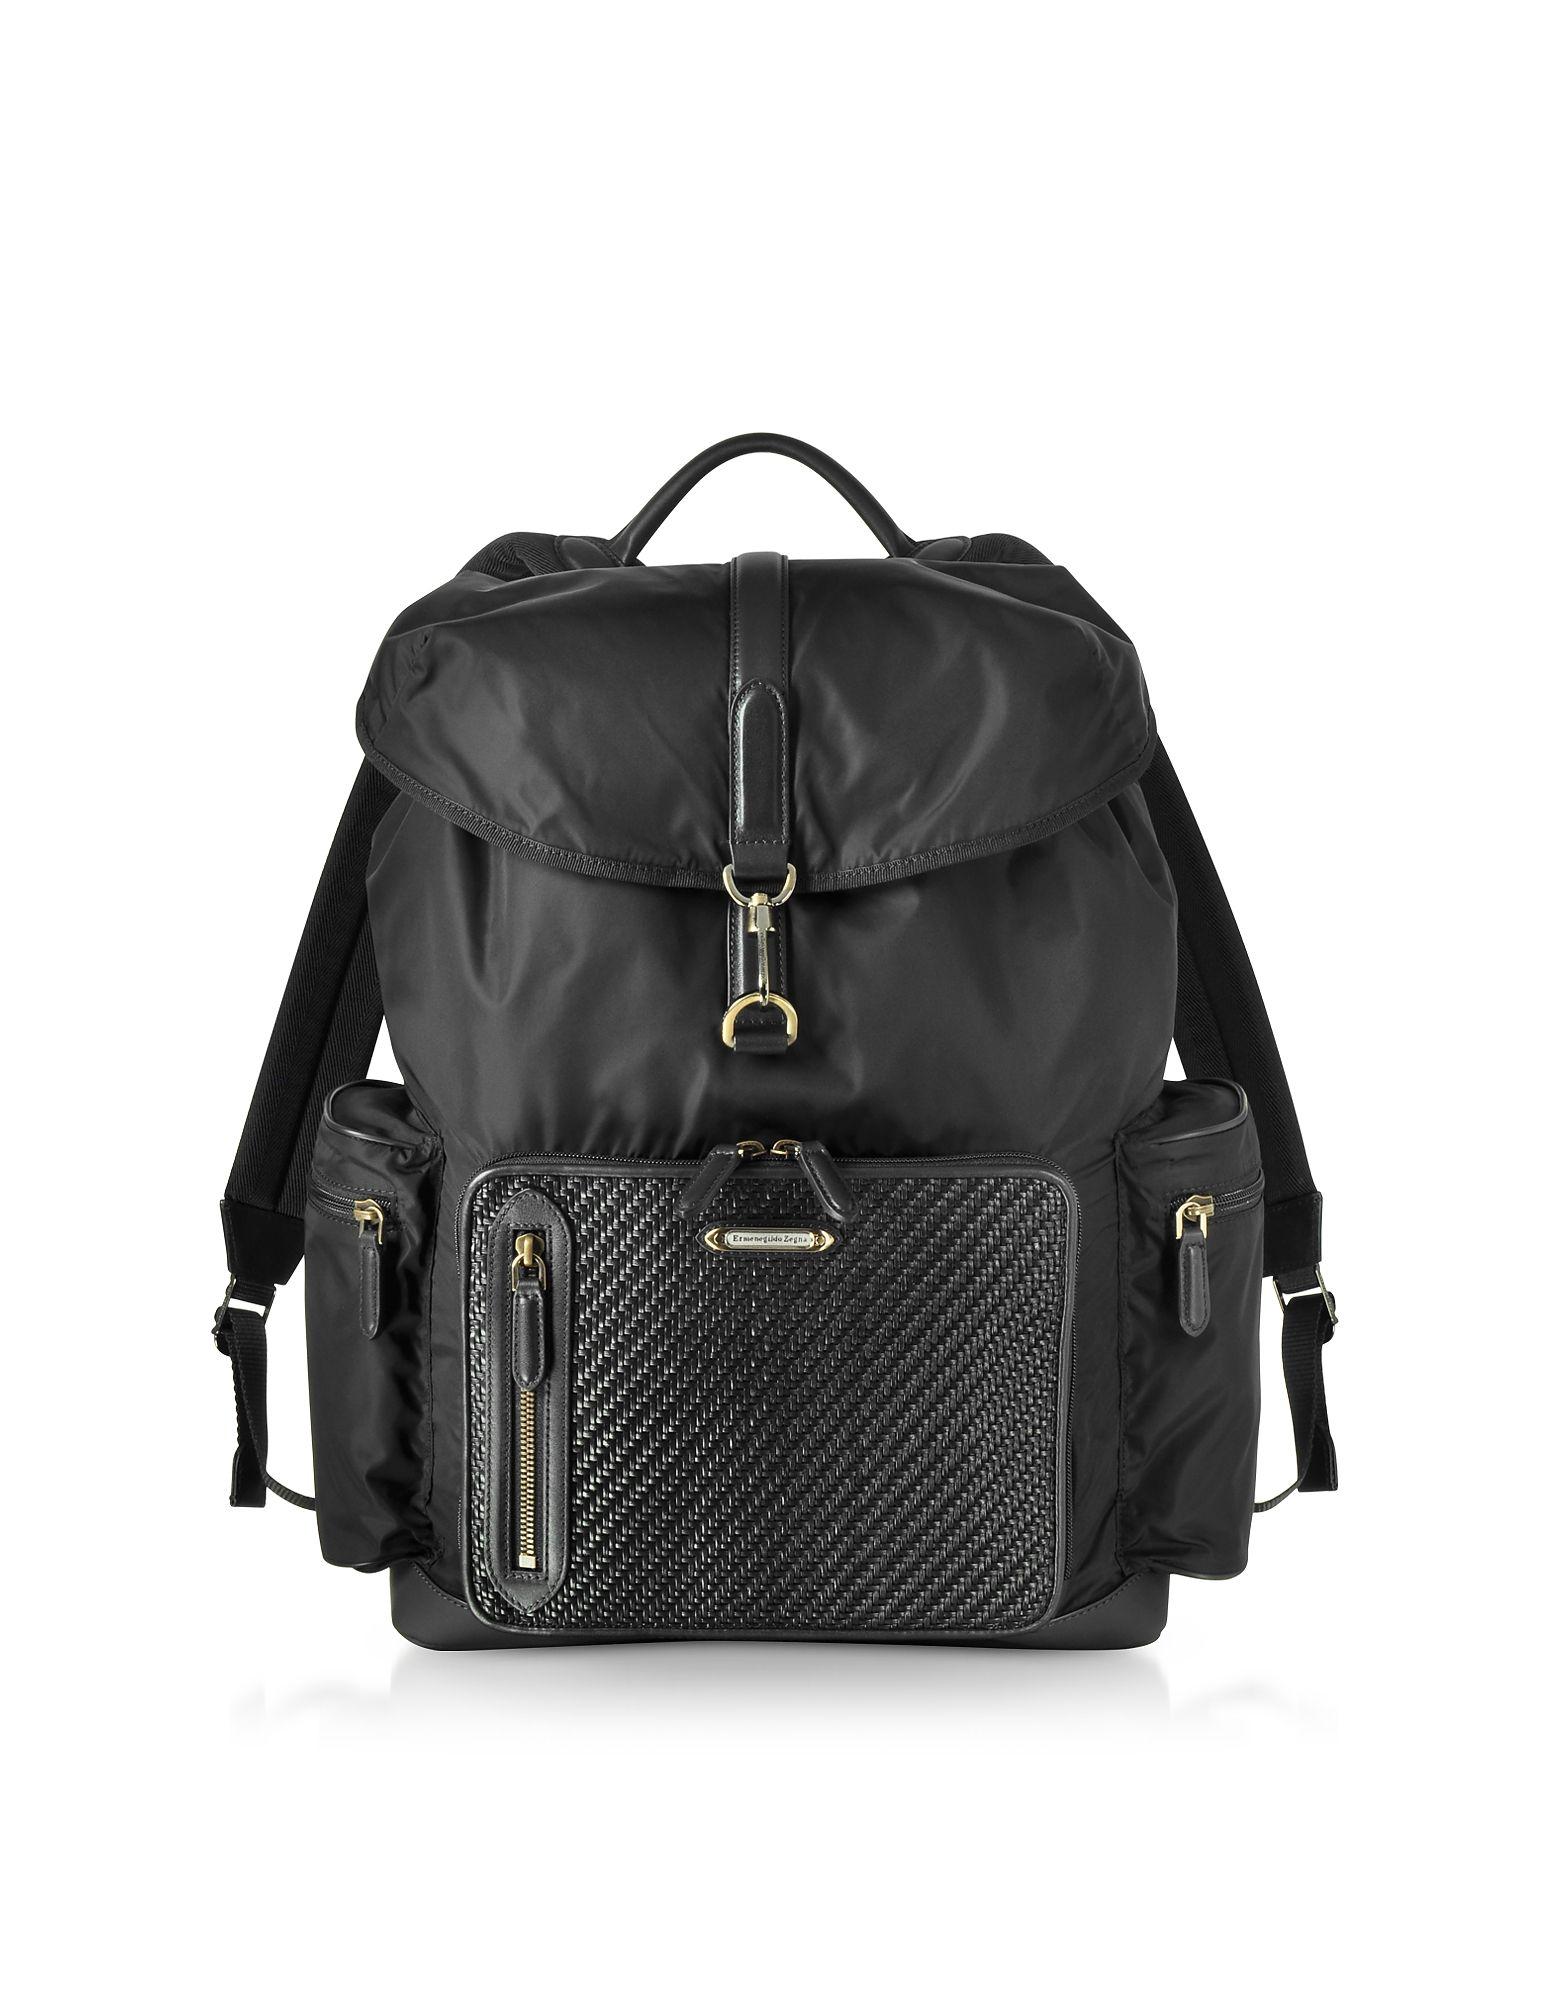 7dd99b9566 ERMENEGILDO ZEGNA . #ermenegildozegna #bags #leather #nylon ...